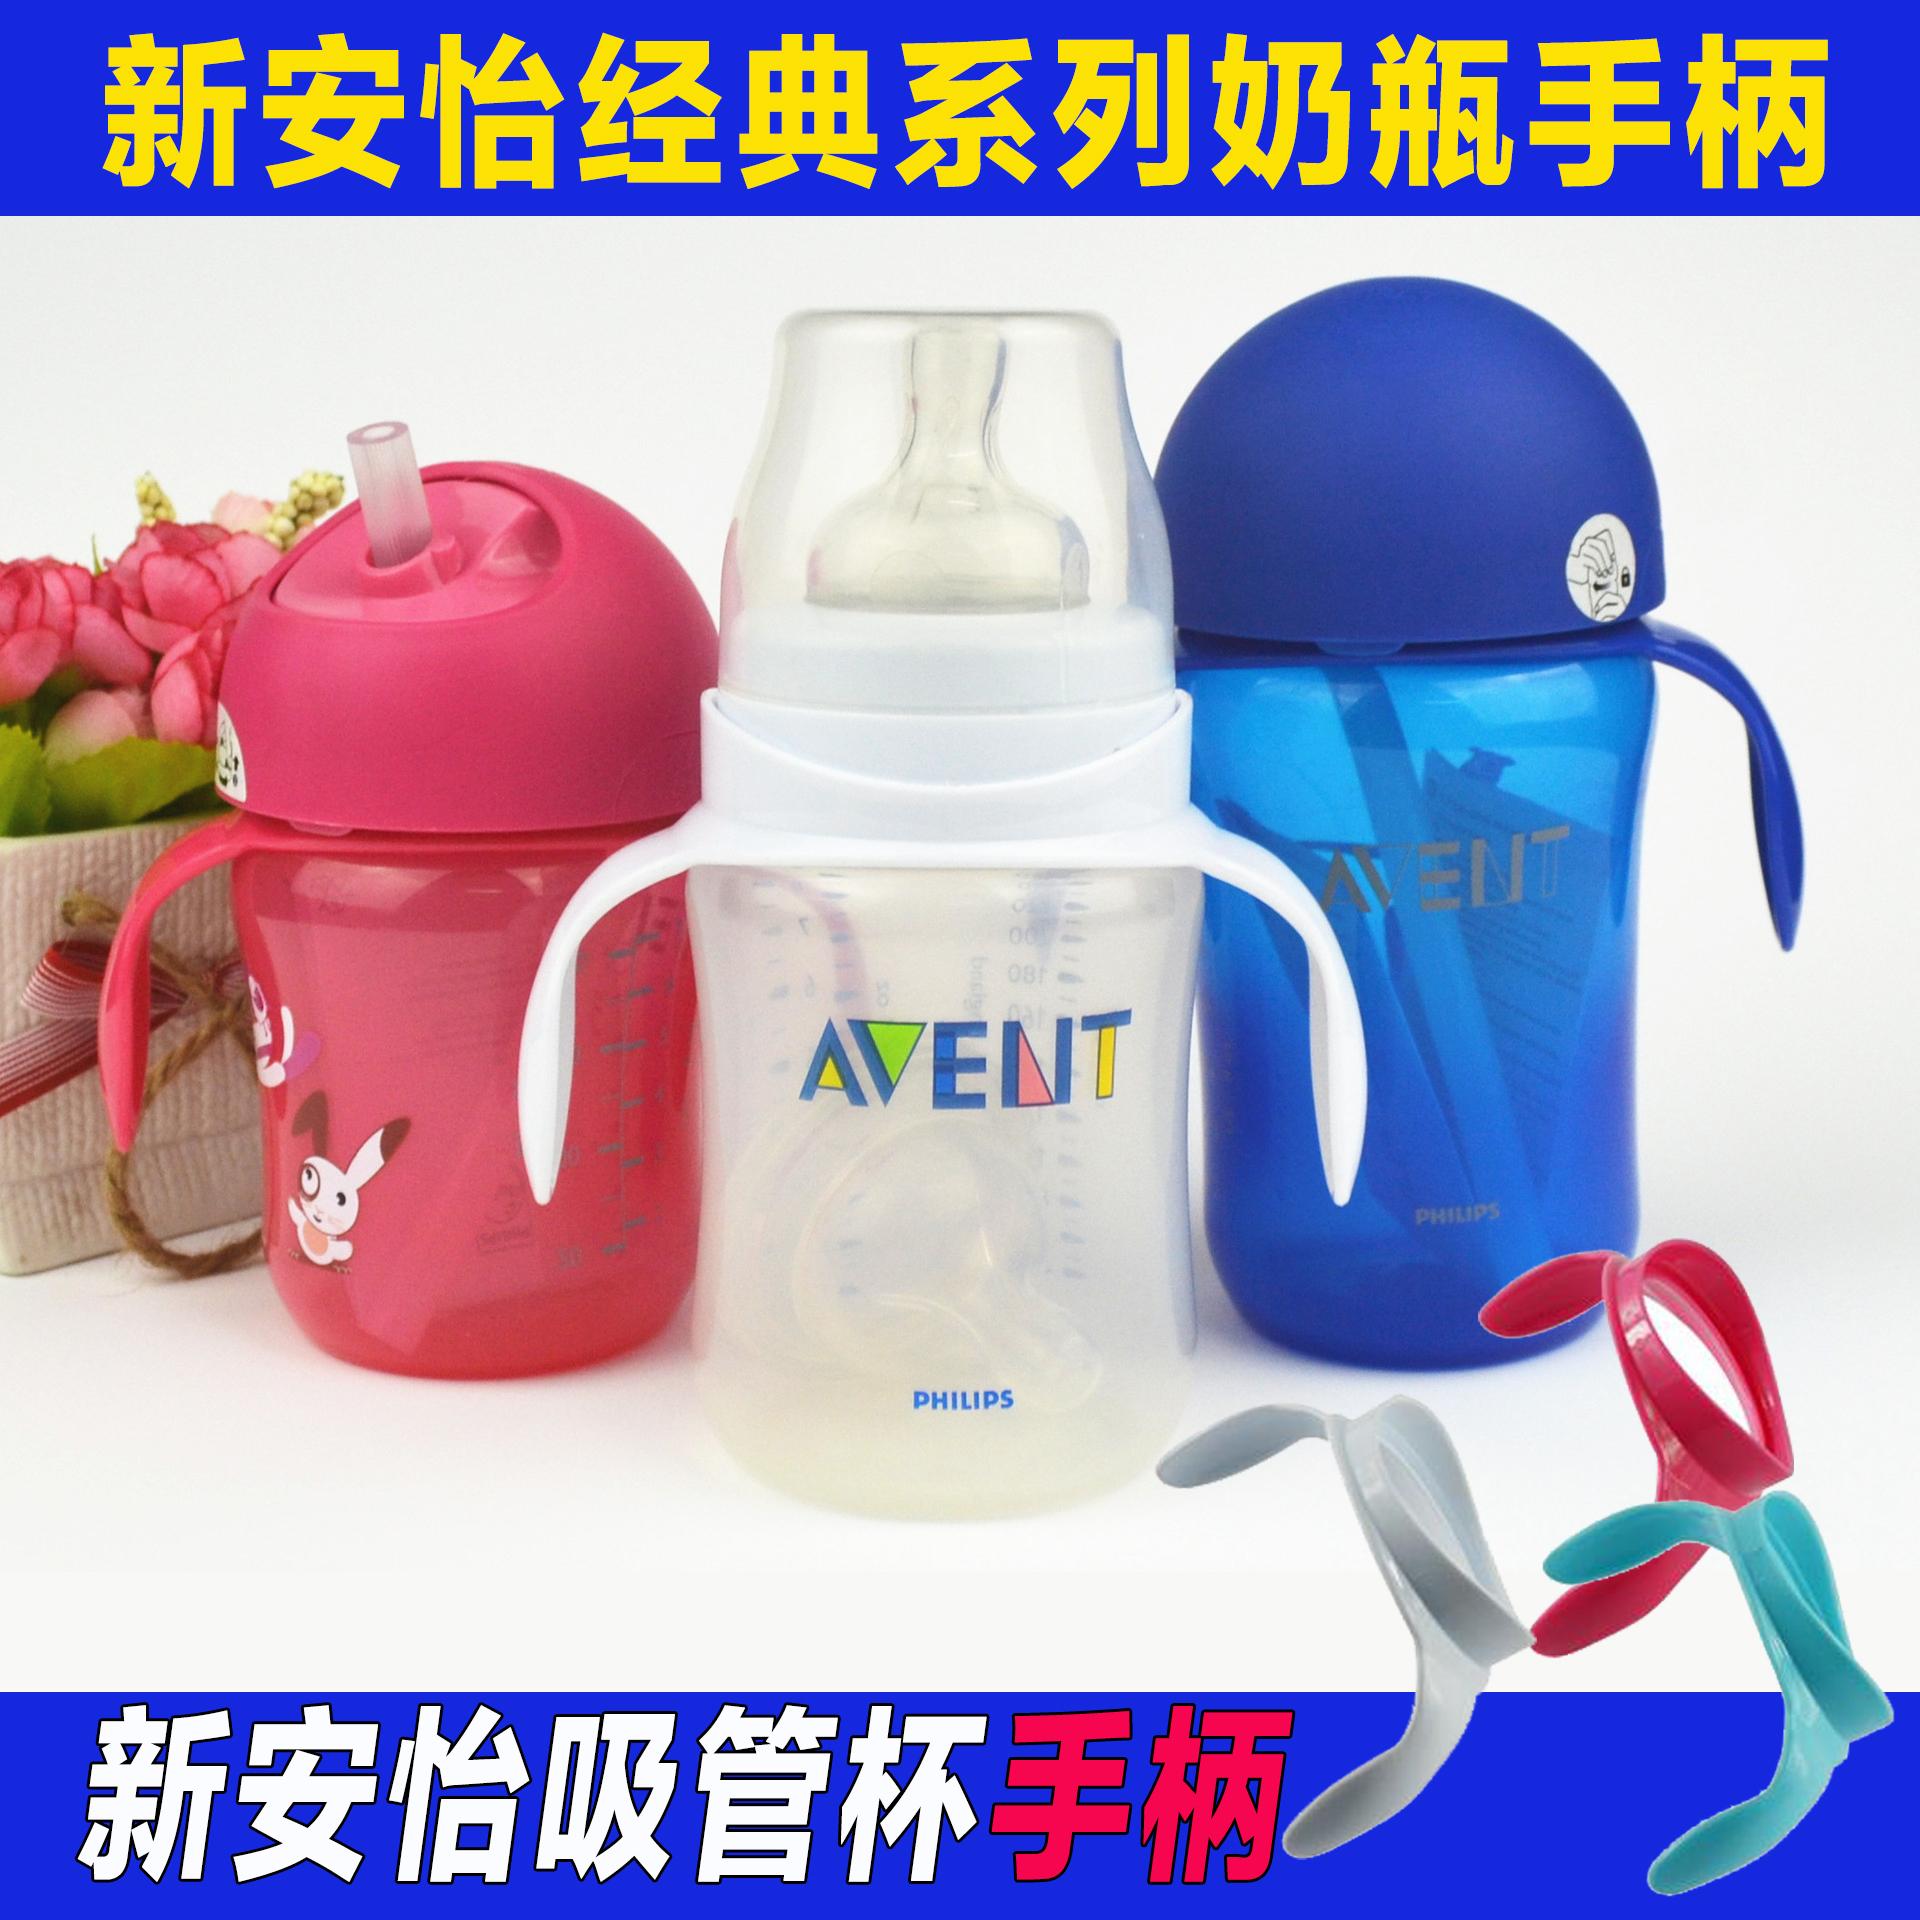 飞利浦新安怡儿童学饮杯吸管杯手柄把手 宽口径经典奶瓶吸管配件